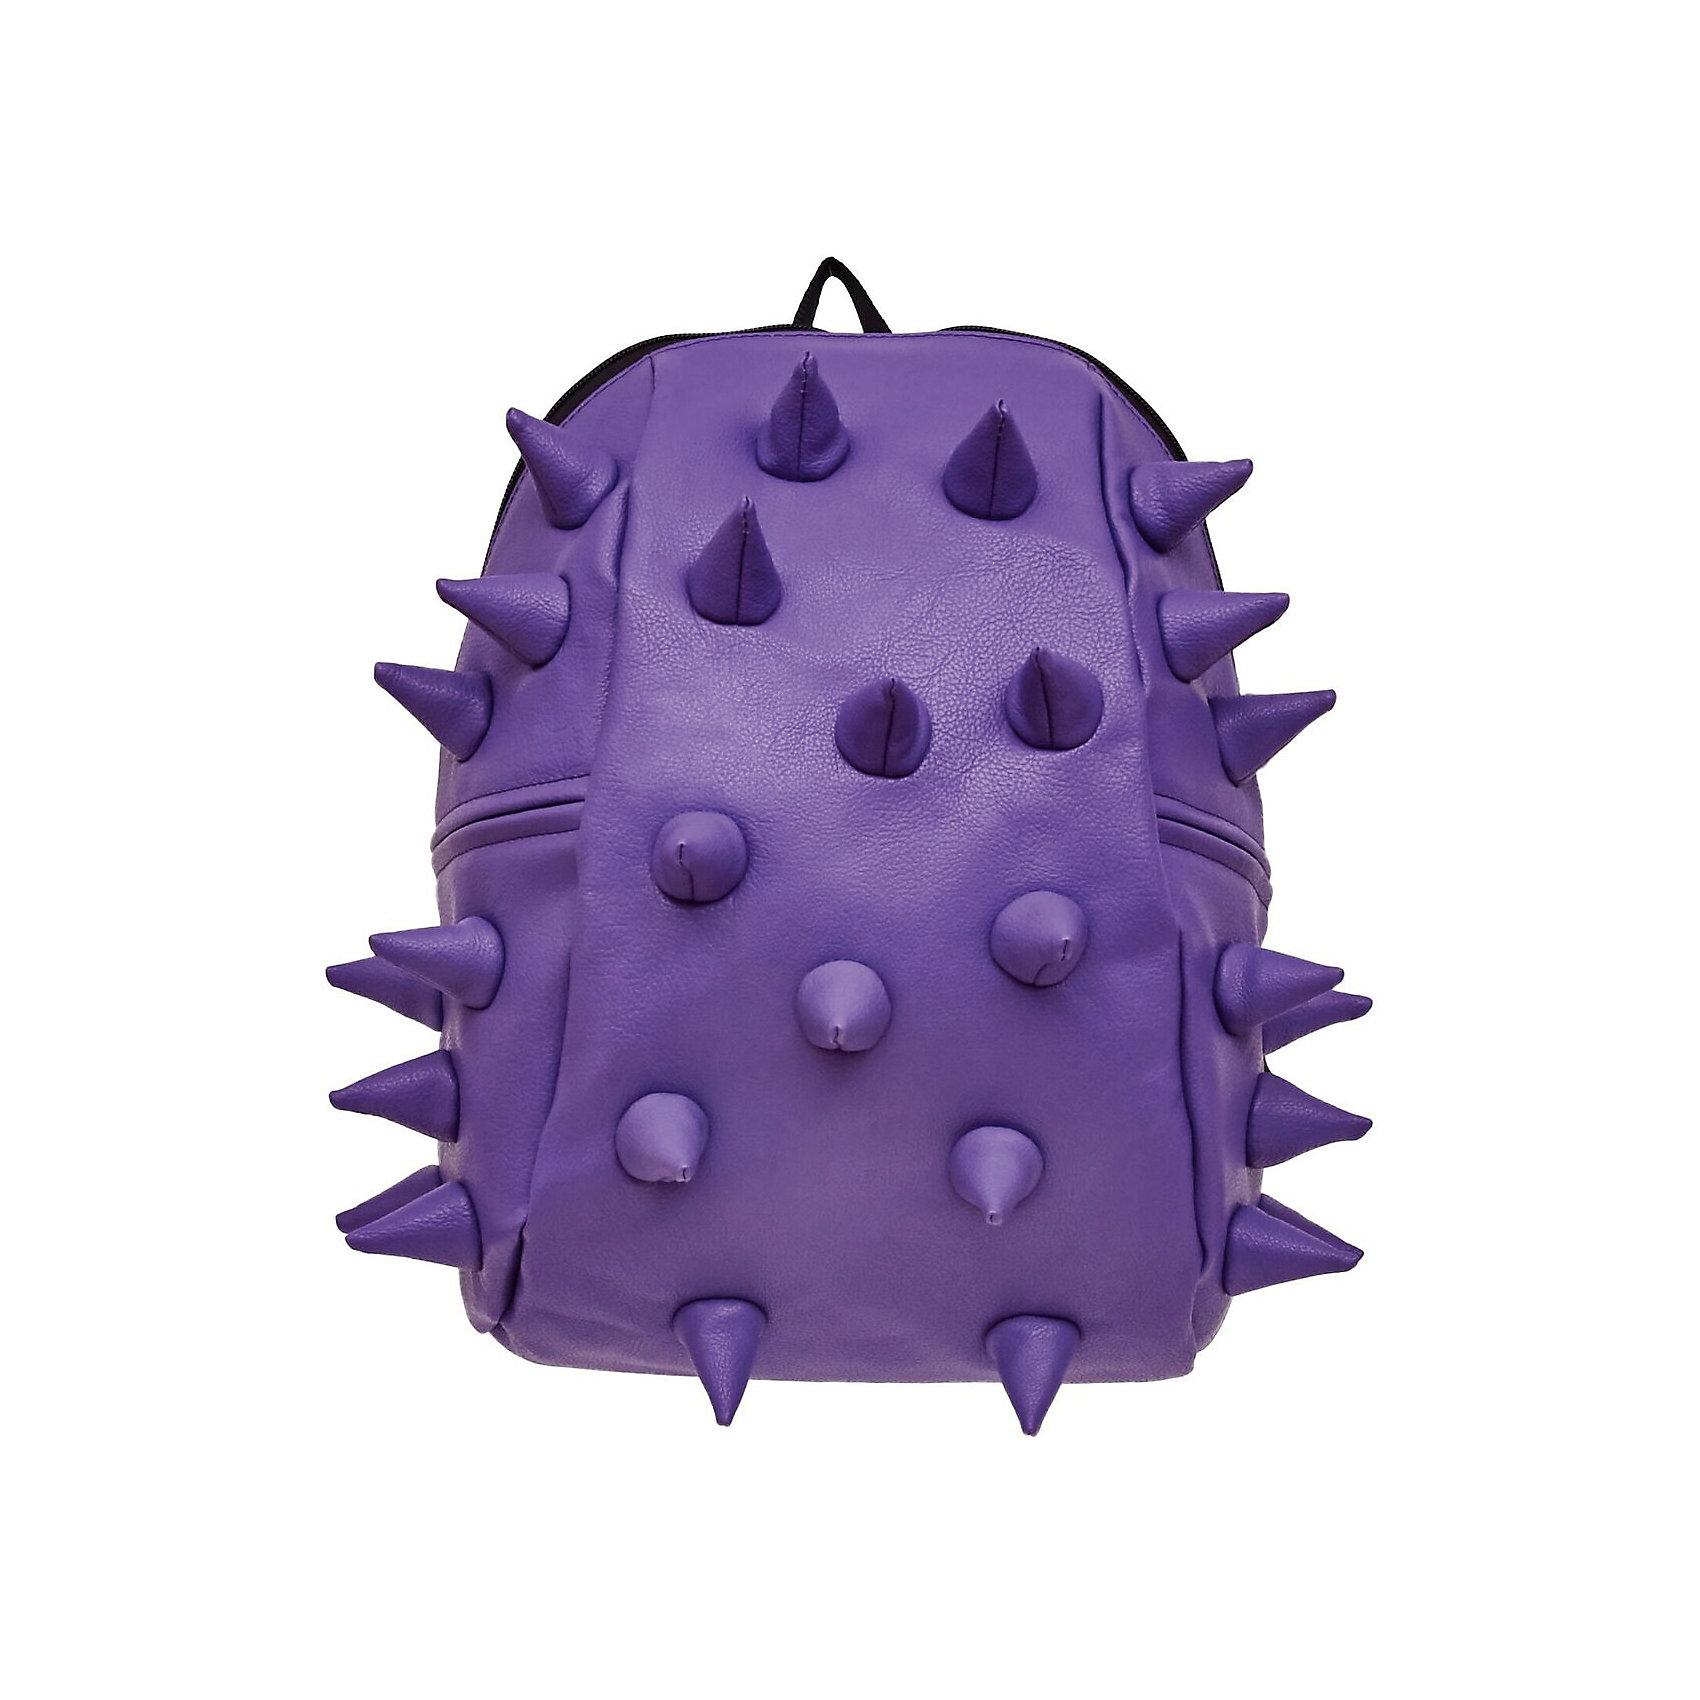 Рюкзак Rex 2 Half, цвет сиреневыйРюкзаки<br>Характеристики товара:<br><br>• цвет: сиреневый;<br>• возраст: от 3 лет;<br>• вес: 0,6 кг;<br>• размер: 36х30х15 см;<br>• особенности модели: с пузырями;<br>• основное отделение на молнии;<br>• в основное отделение с легкостью входит ноутбук размером диагонали 13 дюймов, iPad и формат А4;<br>• мягкие регулируемые по высоте лямки;<br>• ортопедическую спинка;<br>• два дополнительных боковых кармана на молнии;<br>• материал: полиуретан;<br>• страна бренда: США;<br>• страна изготовитель: Китай.<br><br>Удобный и стильный рюкзак «Rex 2 Half» из огромной коллекции рюкзаков Madpax непременно понравится школьникам. Стильный шипованный дизайн и яркость цвета выделяют рюкзак среди остальных моделей. <br><br>Мягкие ремни регулируются в зависимости от роста ребенка, проветриваемая спинка и дополнительные карманы делают рюкзак максимально комфортным.<br><br>Материал не требует особого ухода, достаточно лишь протереть его влажной губкой, чтобы удалить загрязнение.<br><br>Рюкзак «Rex 2 Half» можно купить в нашем интернет-магазине.<br><br>Ширина мм: 360<br>Глубина мм: 310<br>Высота мм: 150<br>Вес г: 600<br>Возраст от месяцев: 36<br>Возраст до месяцев: 720<br>Пол: Унисекс<br>Возраст: Детский<br>SKU: 7054070